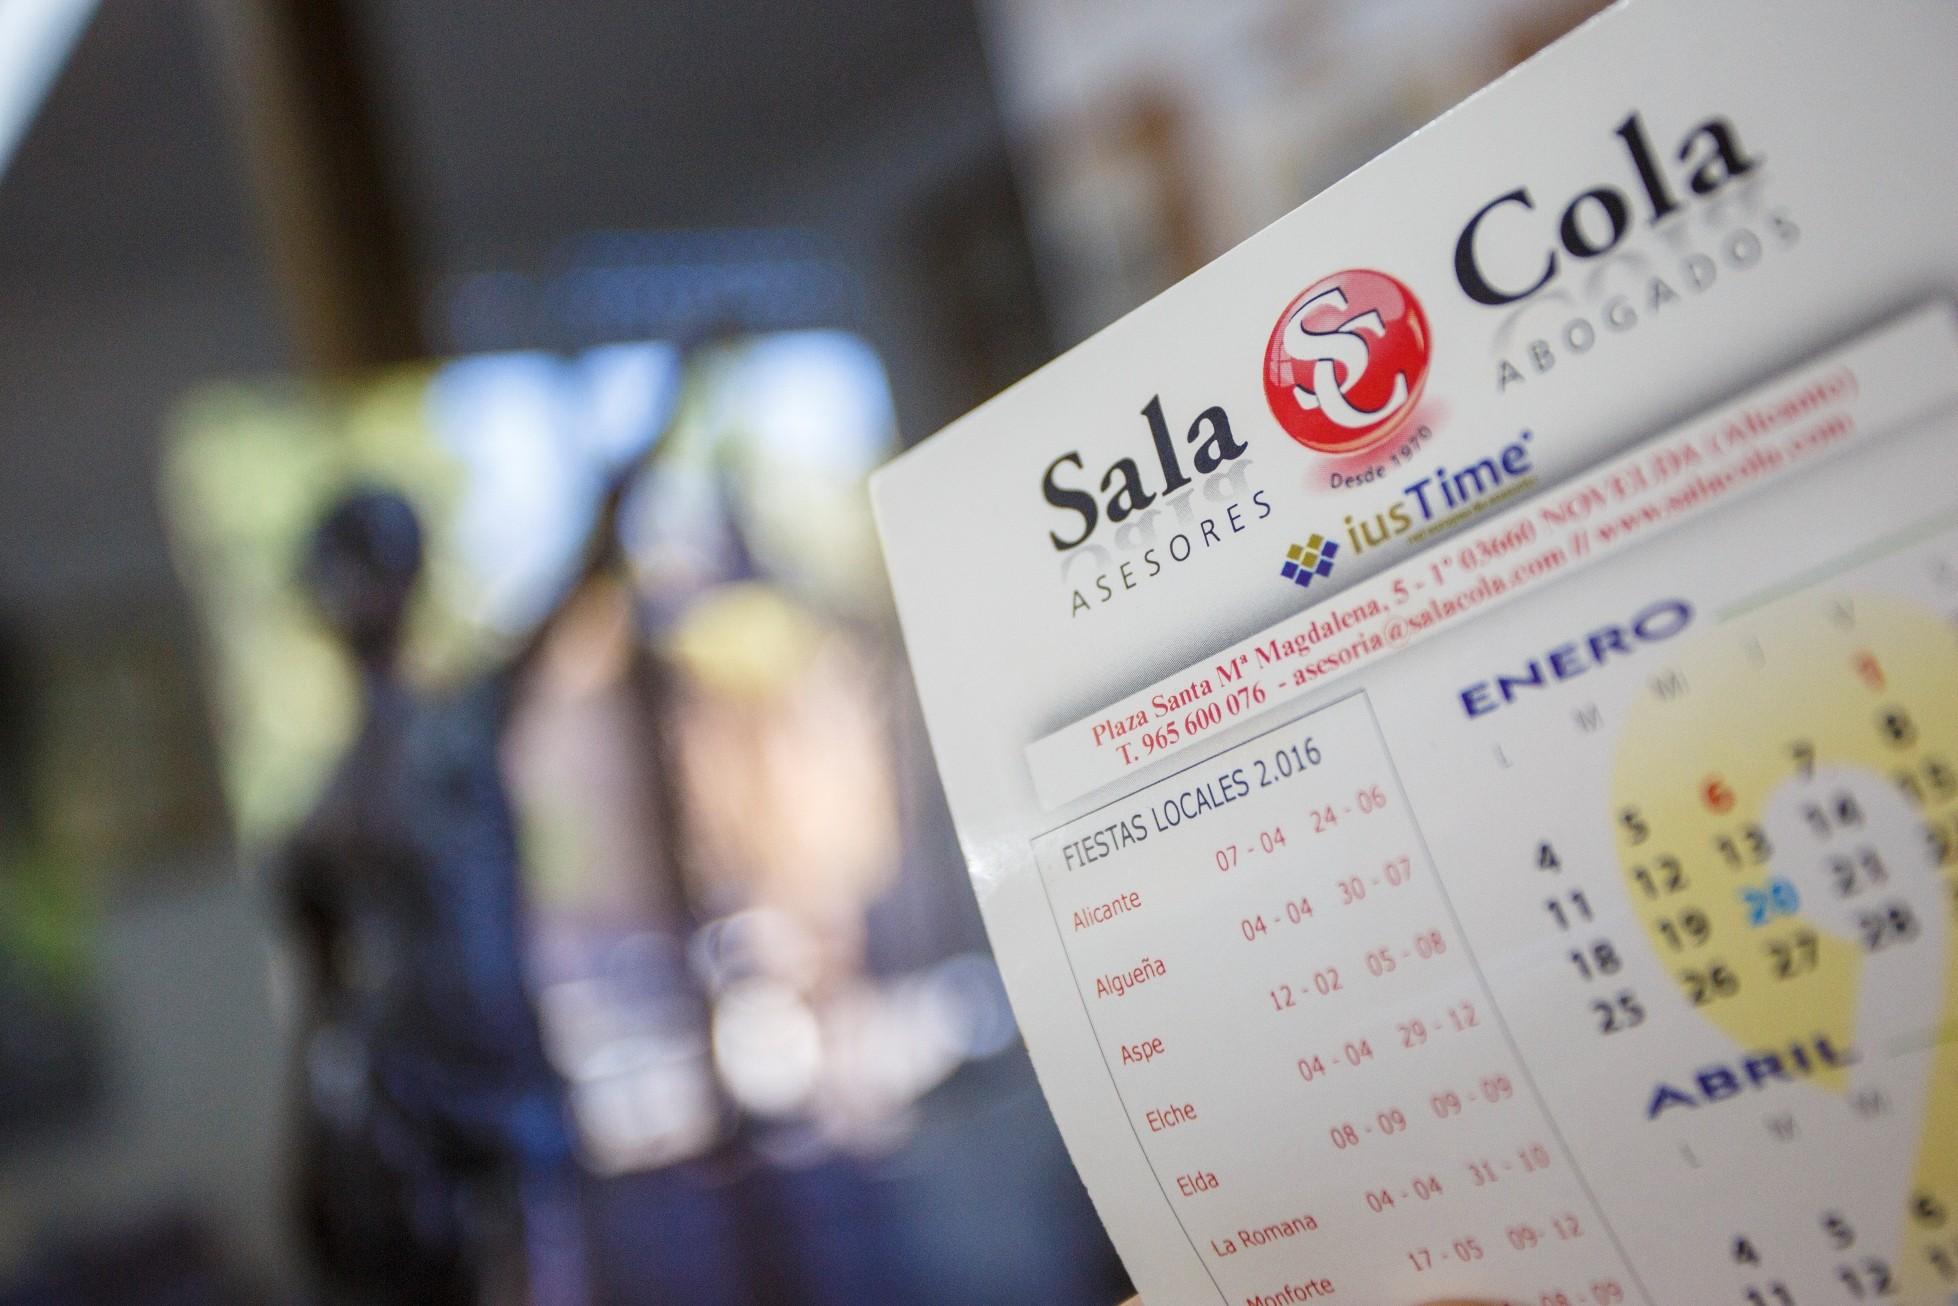 Calendario Laboral 2019 Comunitat Valenciana Boe Más Recientes El Calendario Laboral De 2019 – Sala Cola – Abogados Y asesores